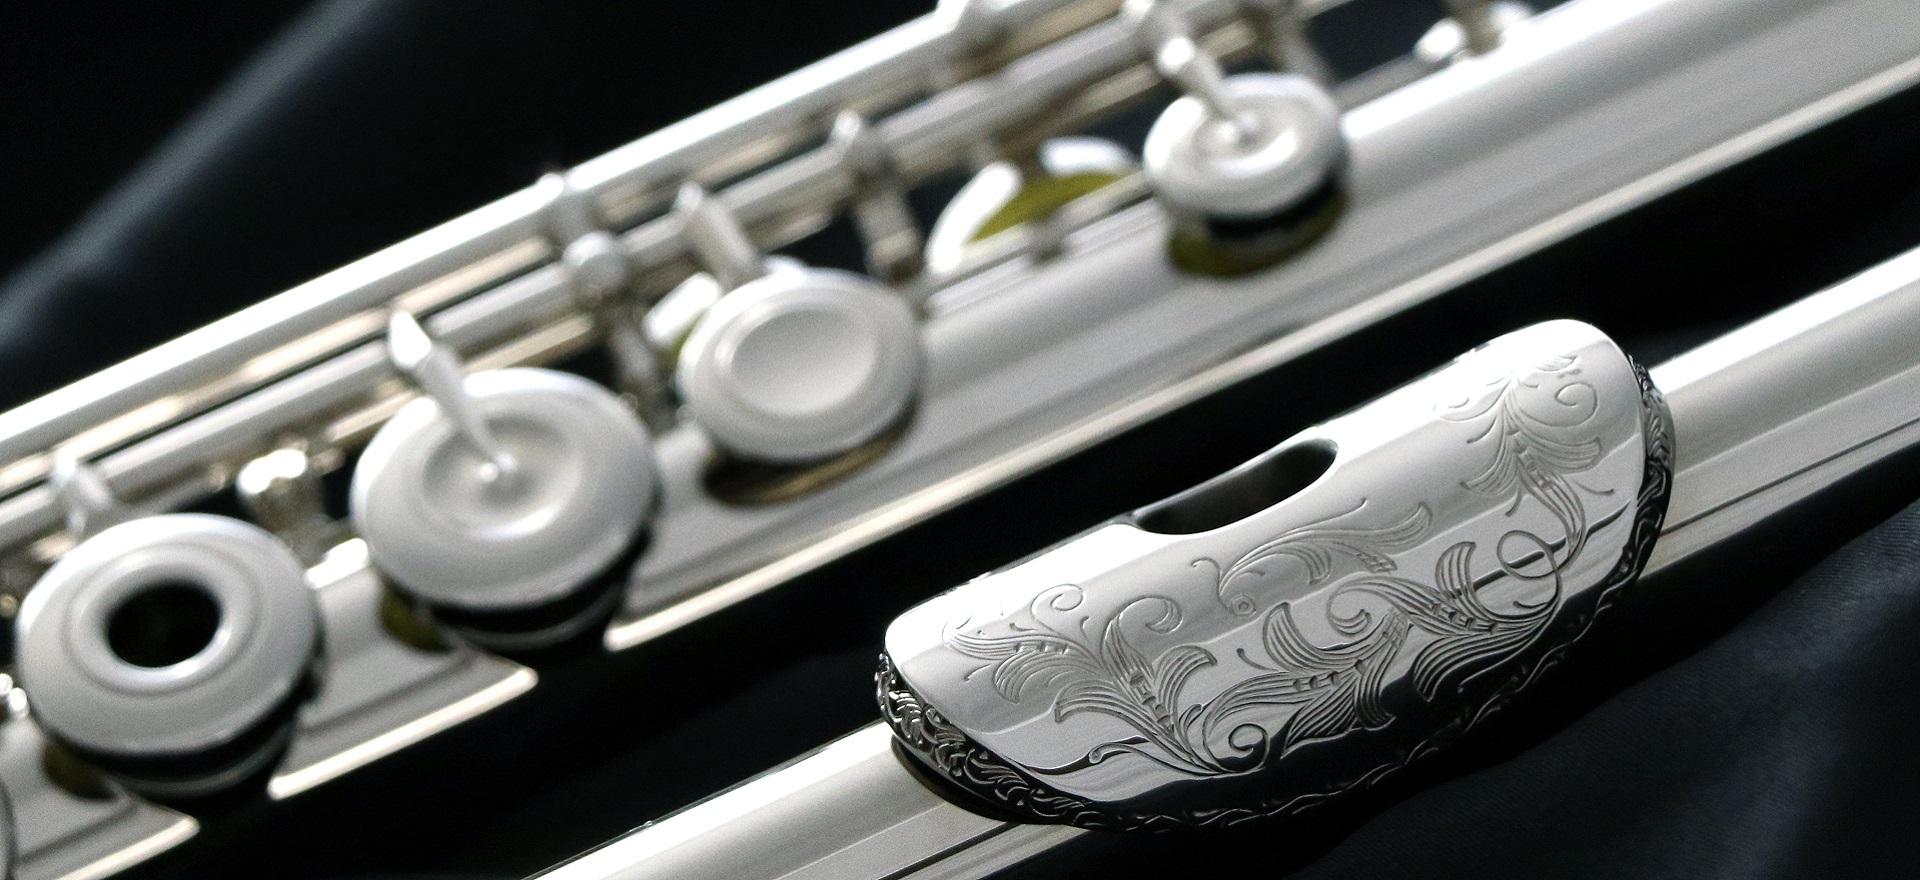 FIND IT. TRY IT. LOVE IT. Flute photo.